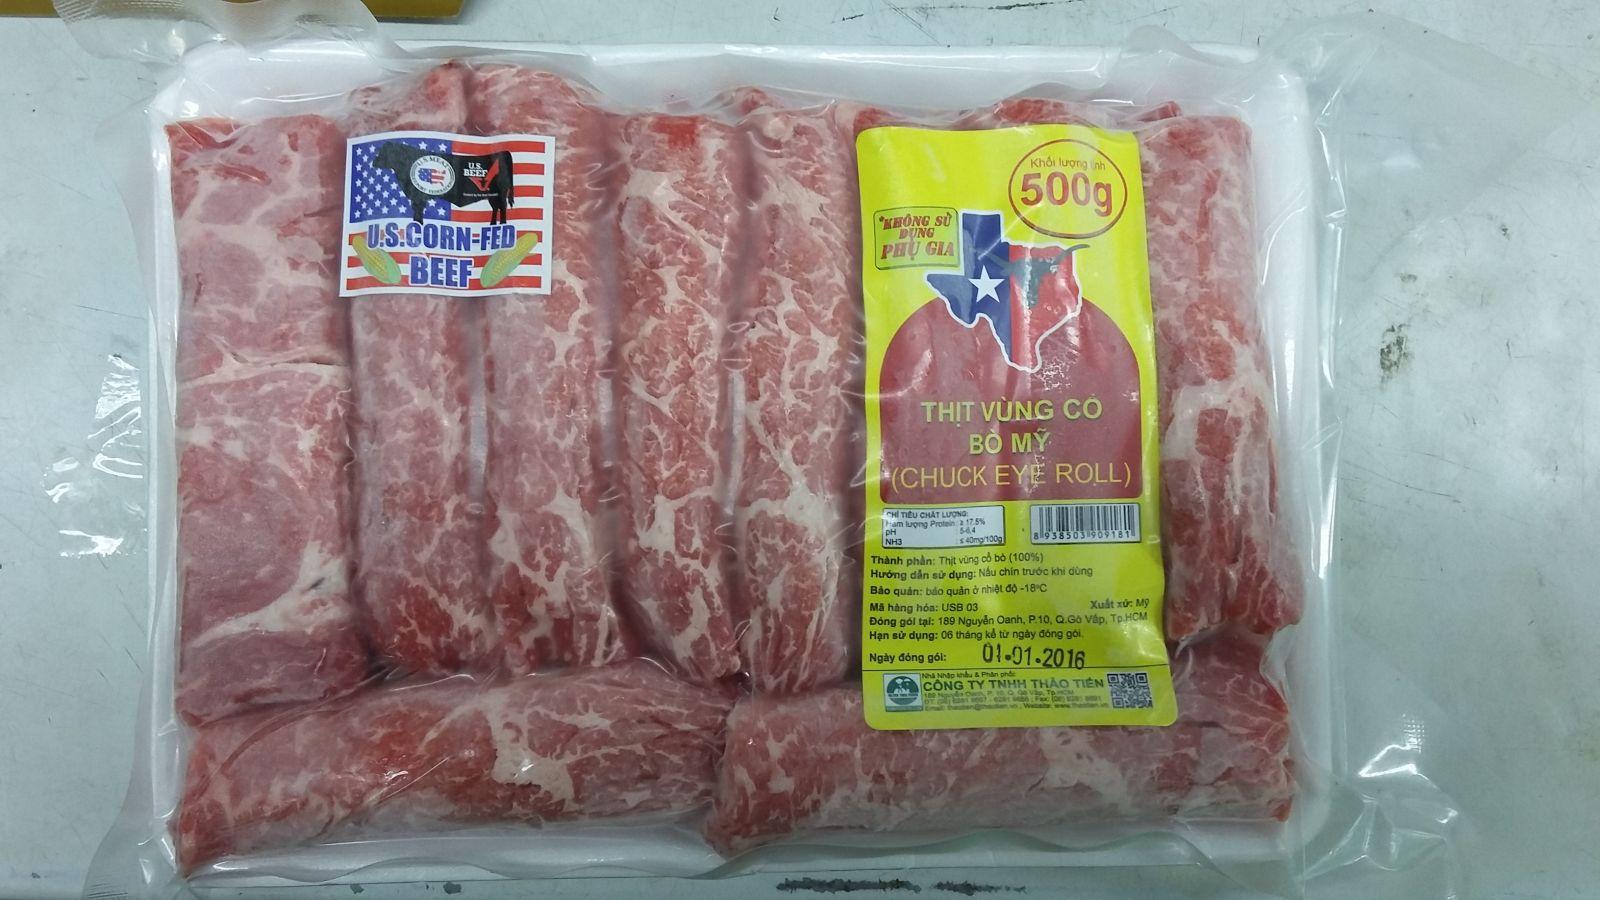 Thịt bò mỹ nhà cung cấp thịt bò: Thị Trường Cung Cấp Thịt Bò Nhập Khẩu Đúng Thương Hiệu